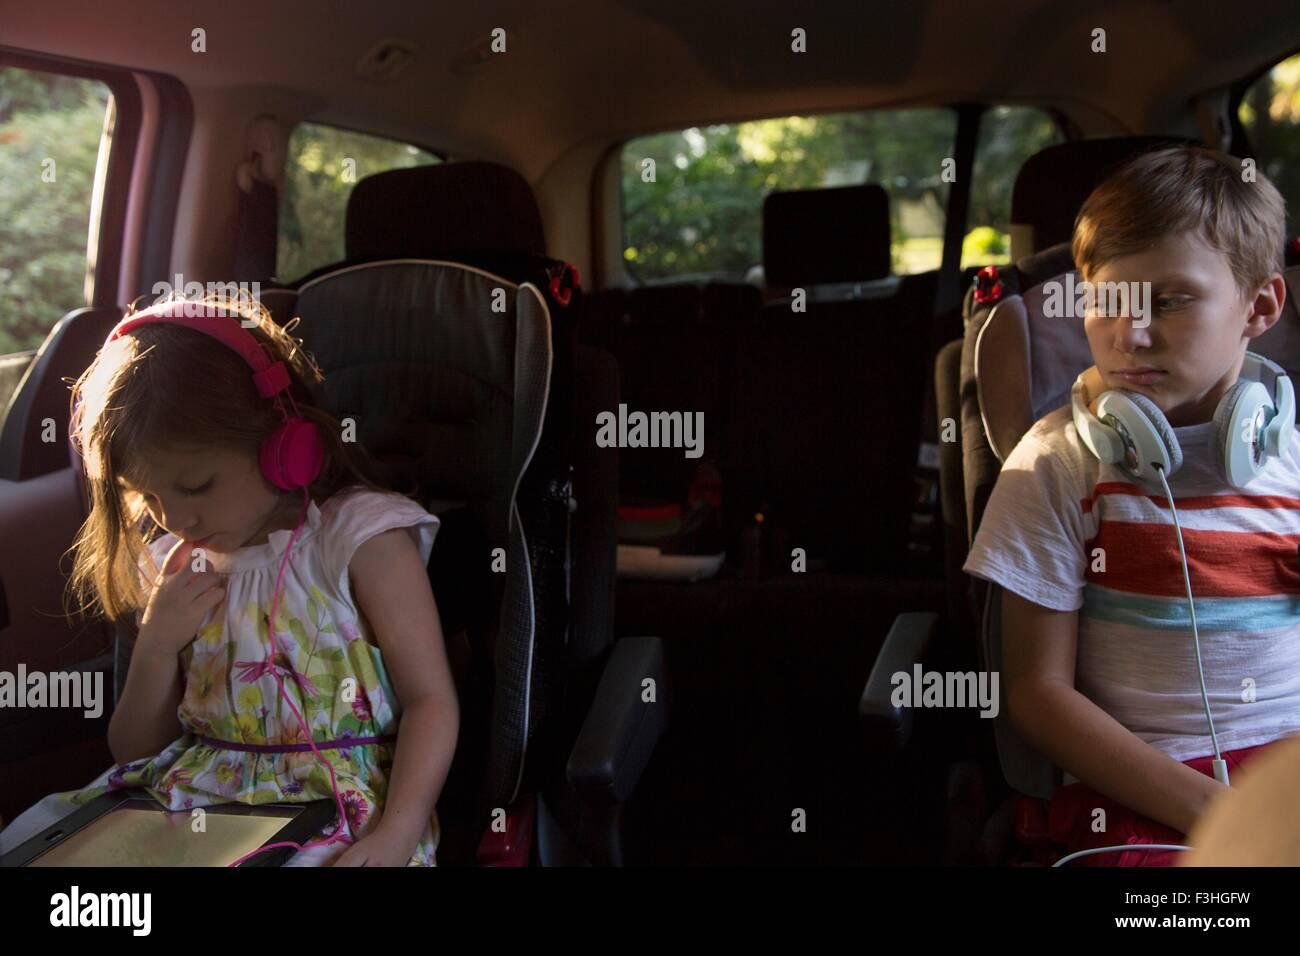 Junge gerade jüngere Schwester mit digital-Tablette auf dem Auto Rücksitz Stockbild